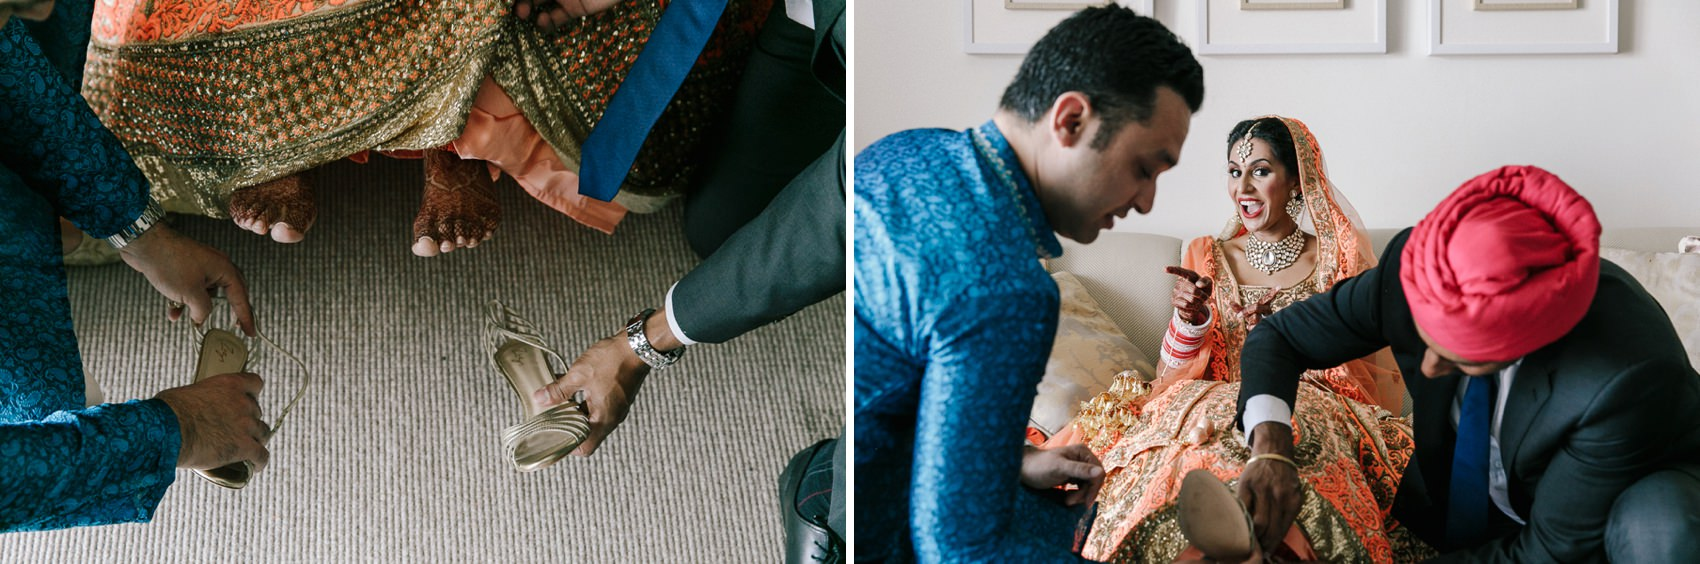 Indian-Wedding-Photography-Maala-Rohan_0164